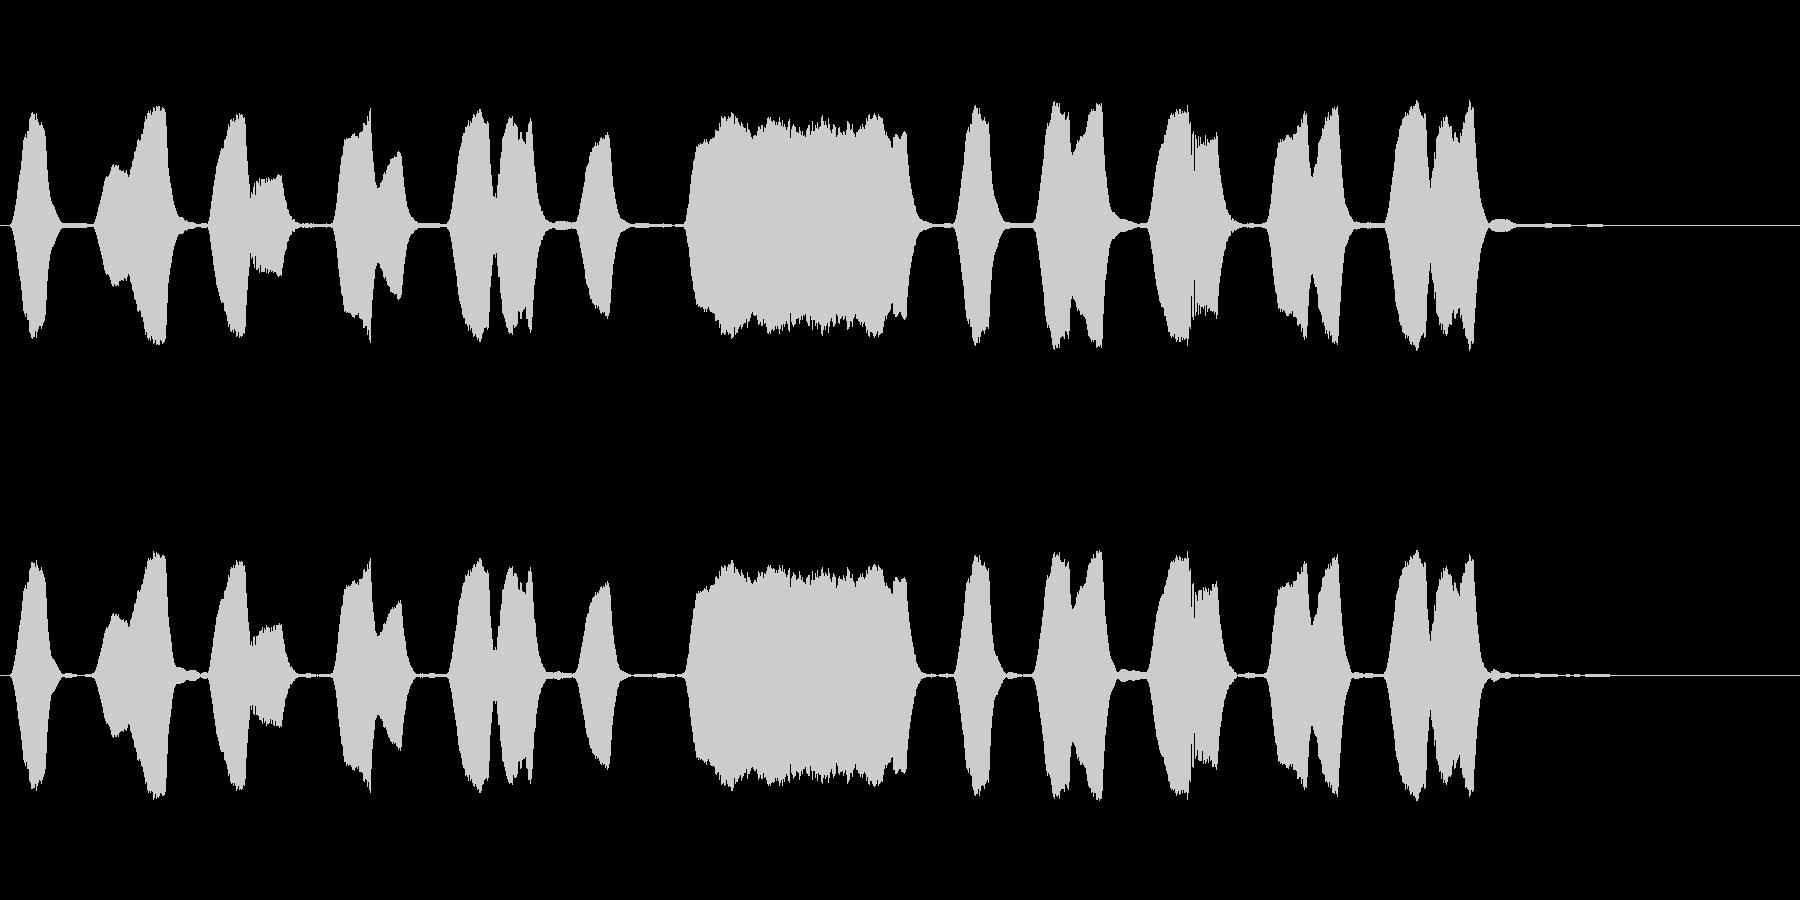 ジングル 口笛 軽快 元気の未再生の波形